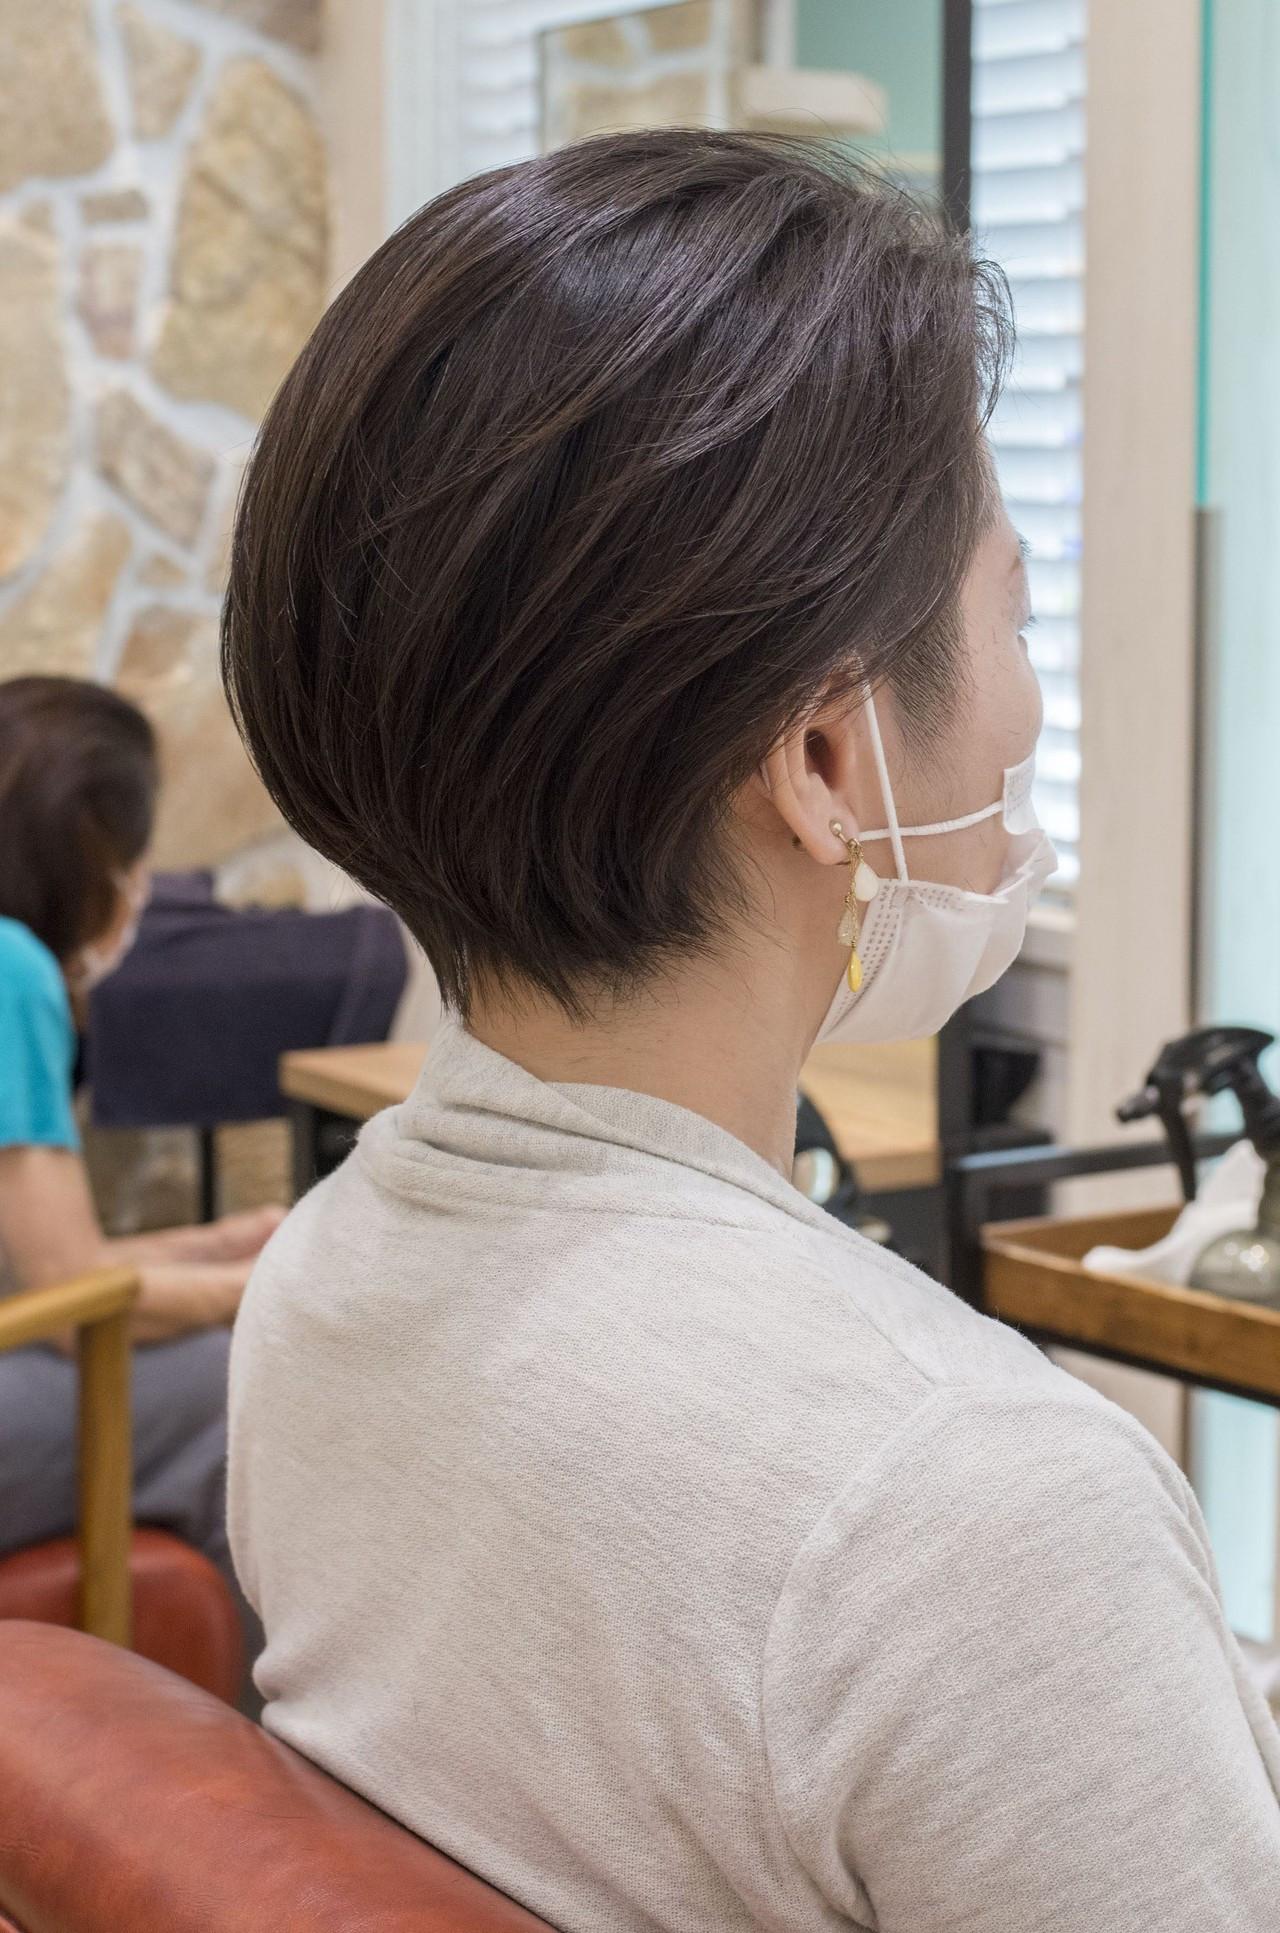 ナチュラル 刈り上げ 刈り上げ女子 ツーブロック ヘアスタイルや髪型の写真・画像